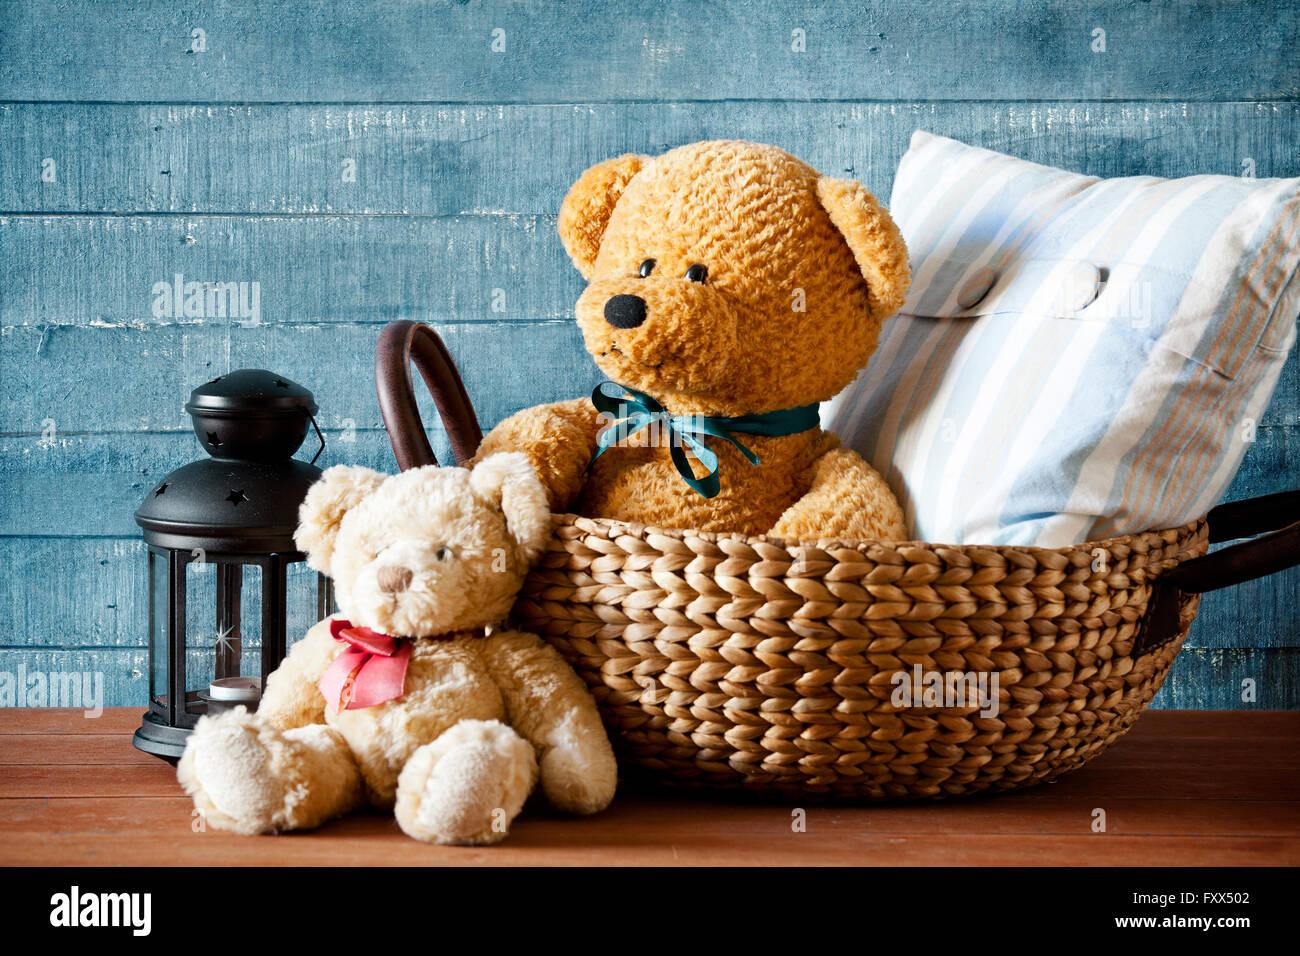 Mignon ours en peluche dans un panier sur une table en bois Photo Stock